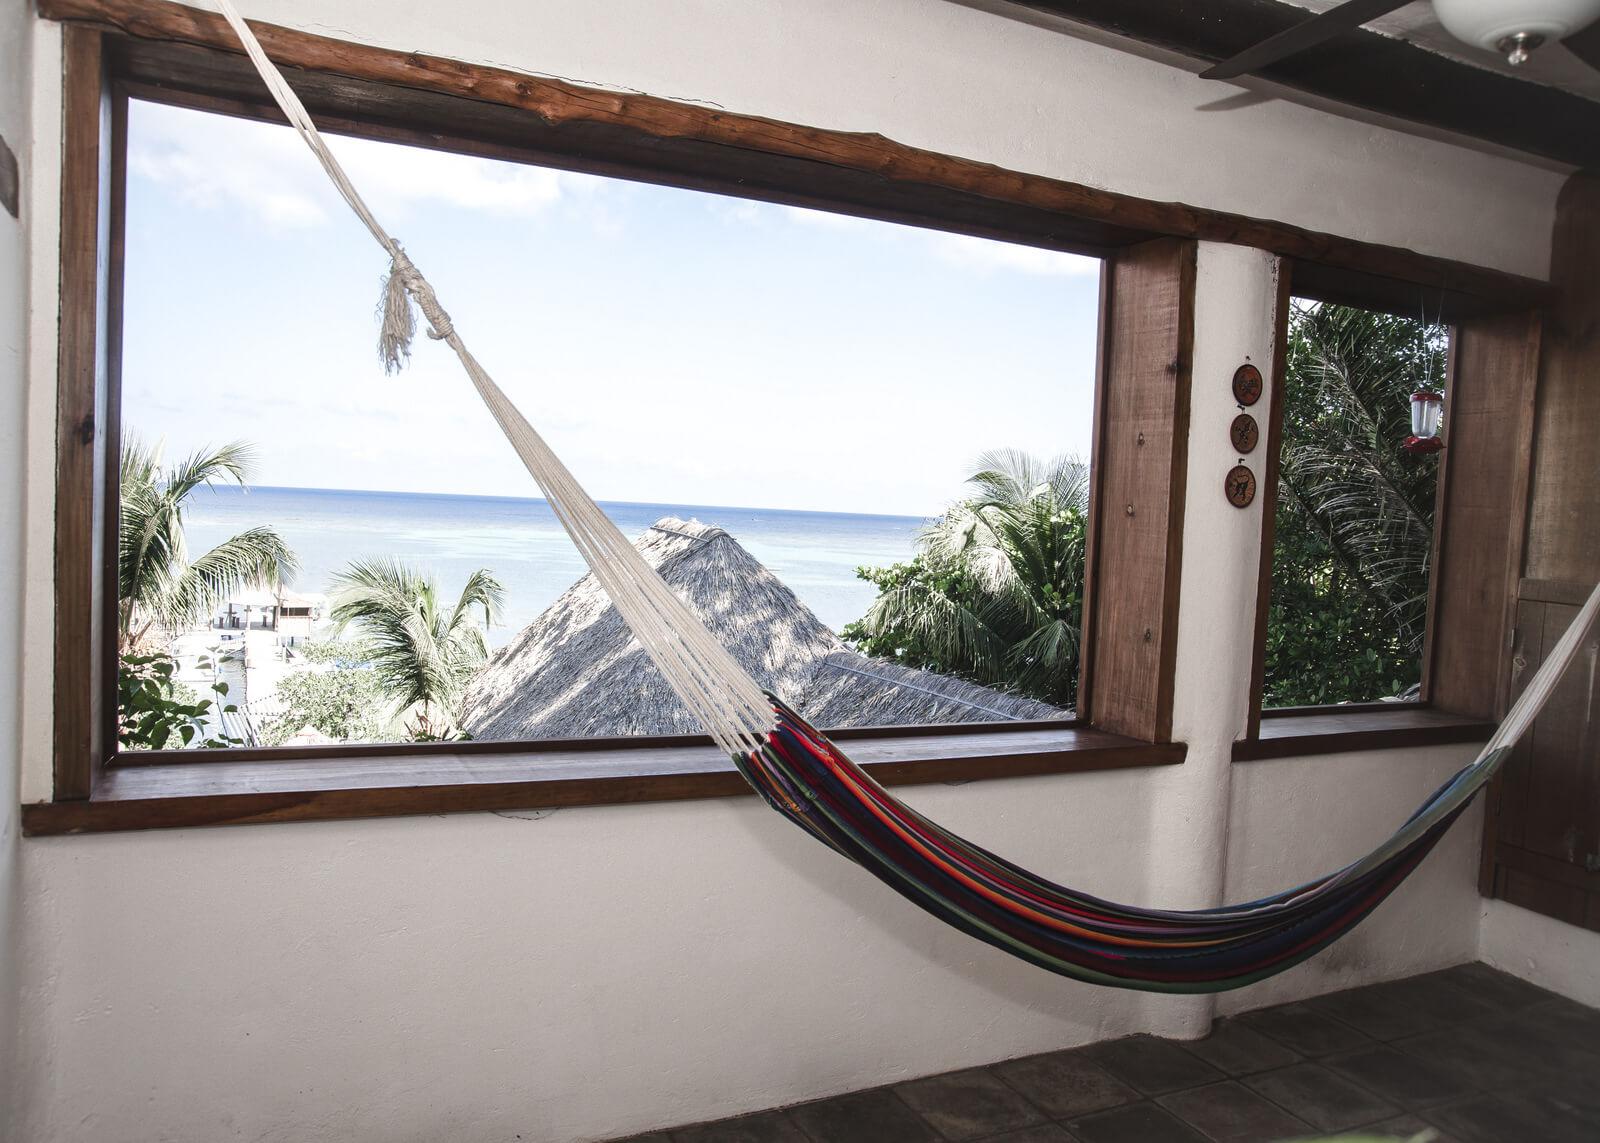 king-crab-hammock